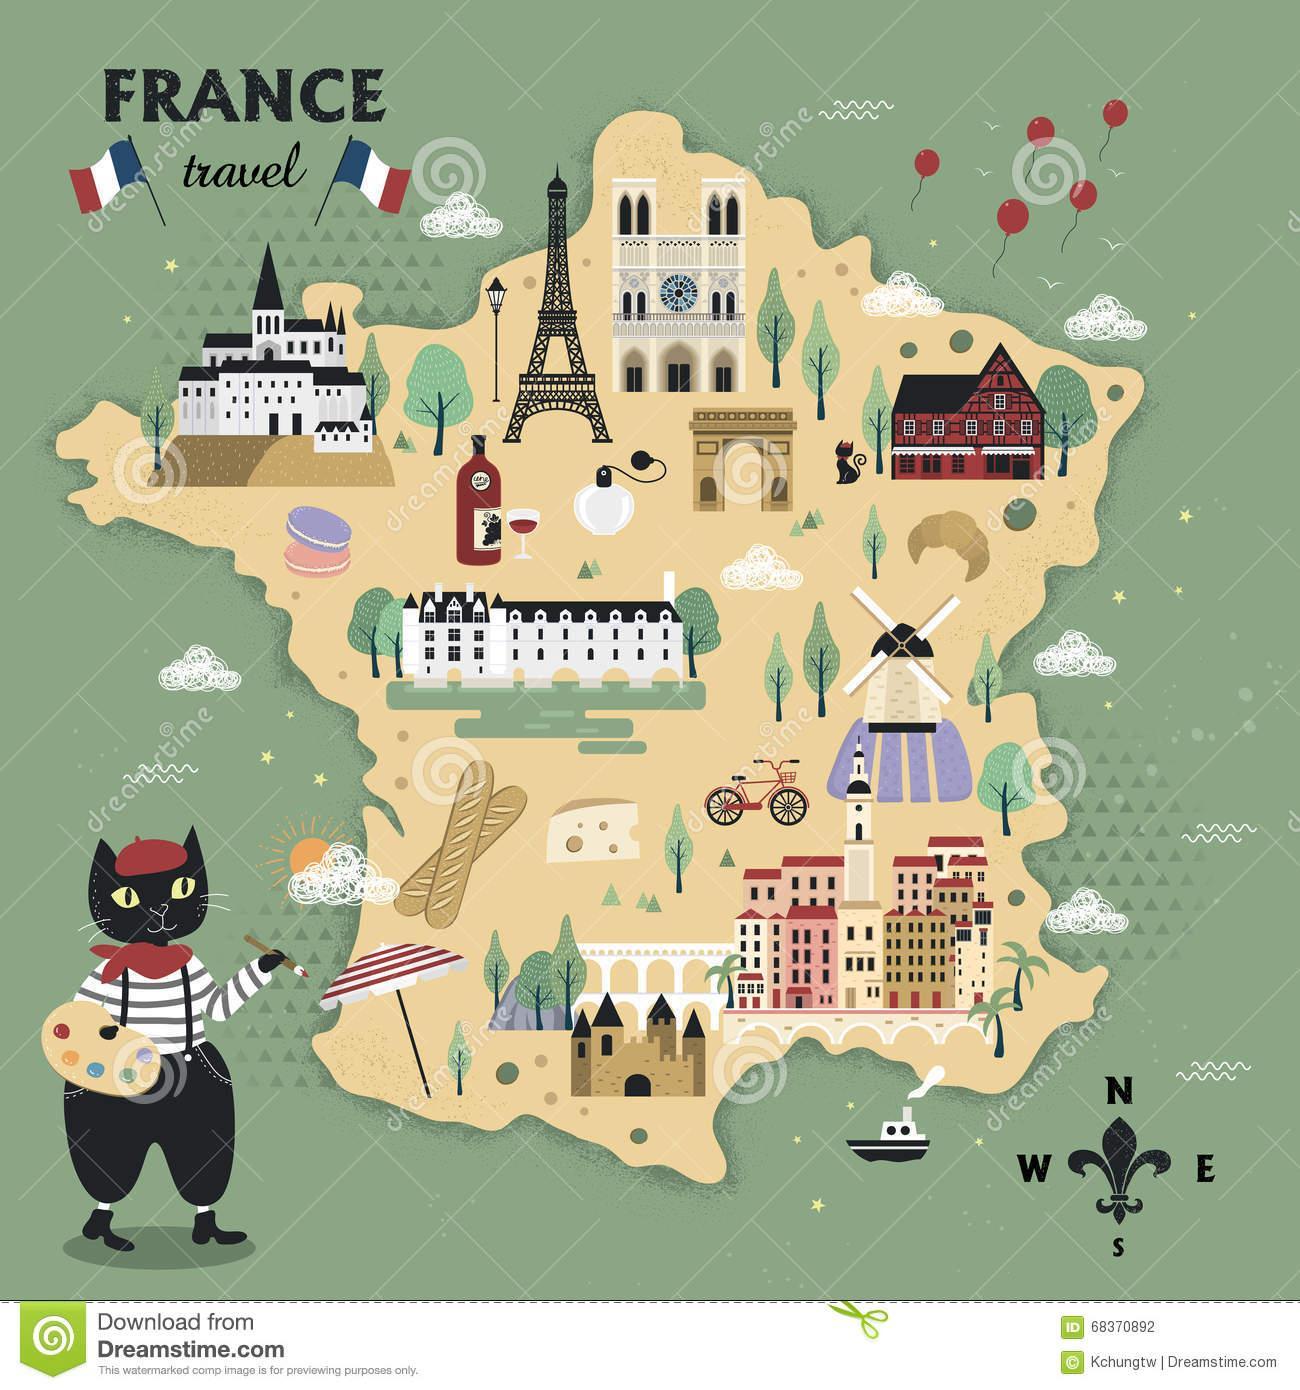 Paris Main Attractions In One Day: Miejsca Do Odwiedzenia Francji Mapy